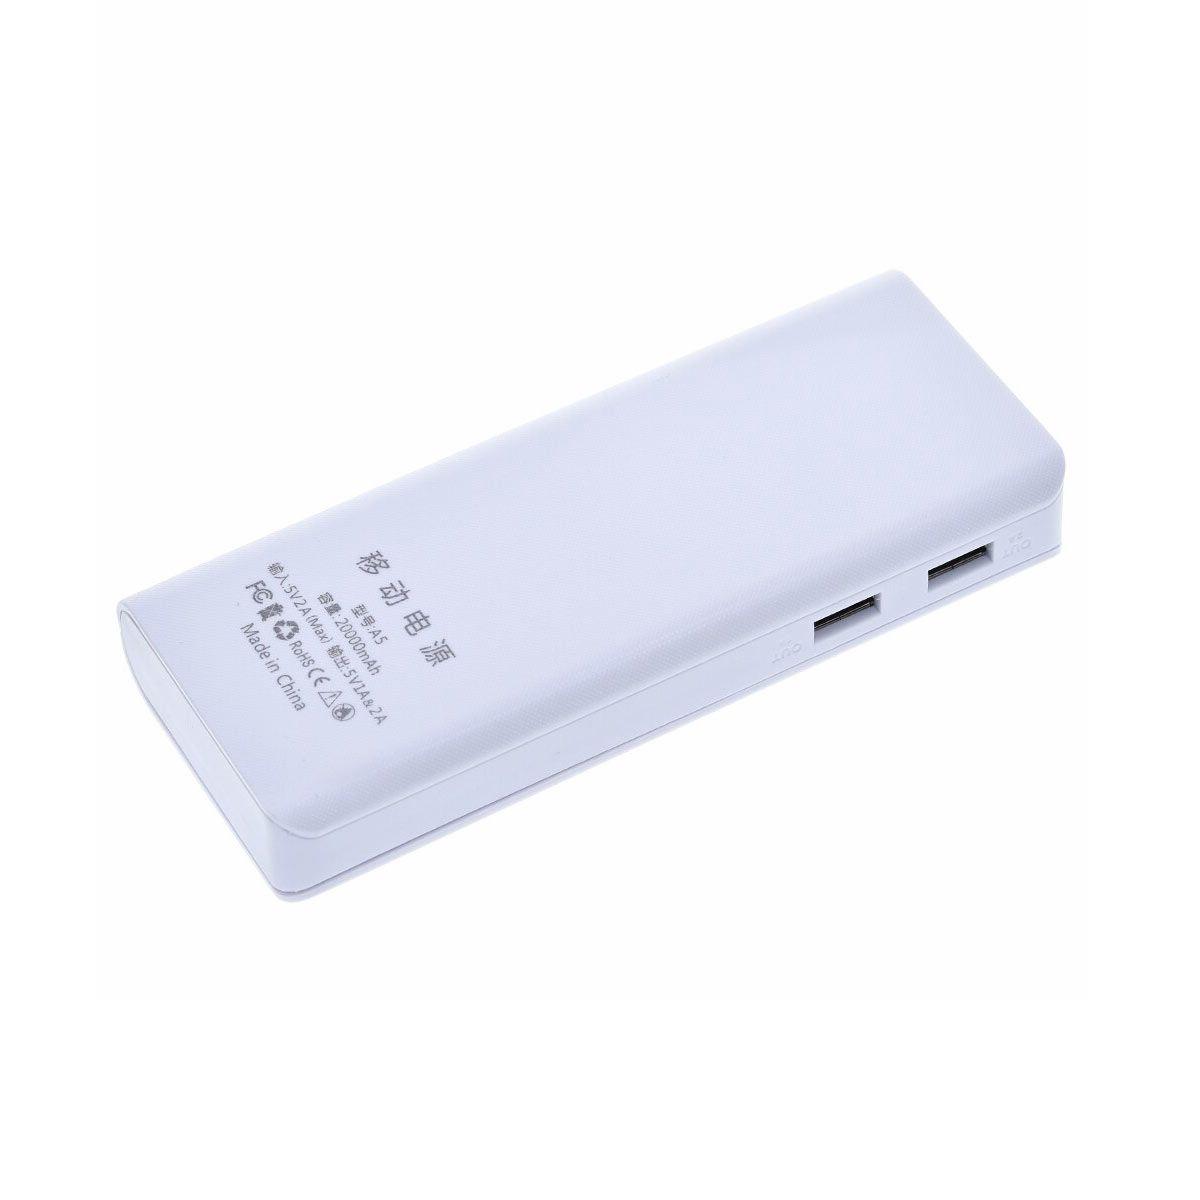 Case Power Bank USB para 5 Baterias 18650 - Não Acompanha Baterias